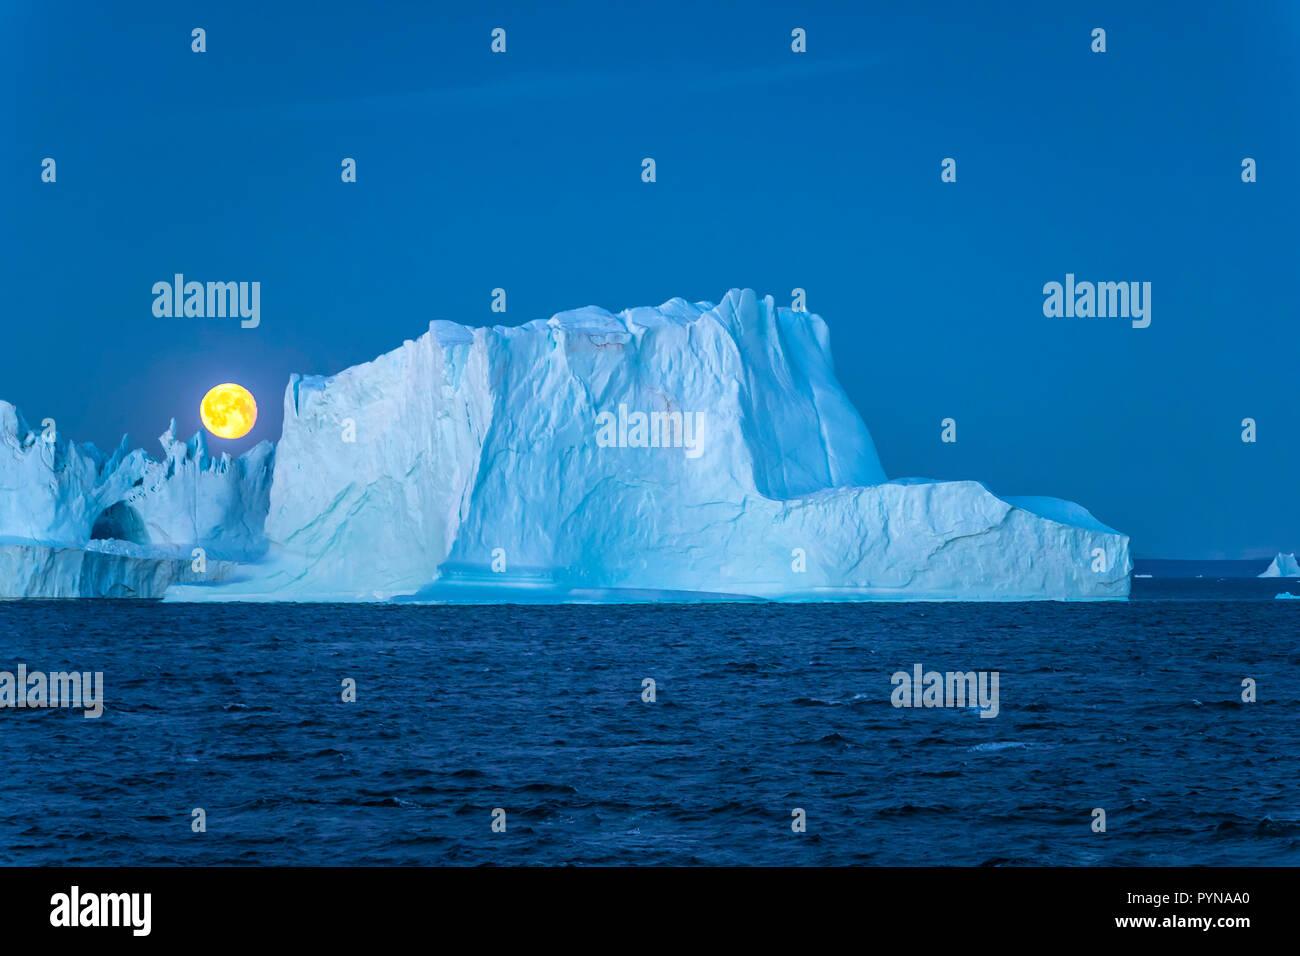 Abendstimmung, Vollmond hinter einem Eisberg, Grönland, Nordpolarmeer, Arktis | Fullmoon behind a iceberg, Greenland, North polar ocean, Arctic Stock Photo